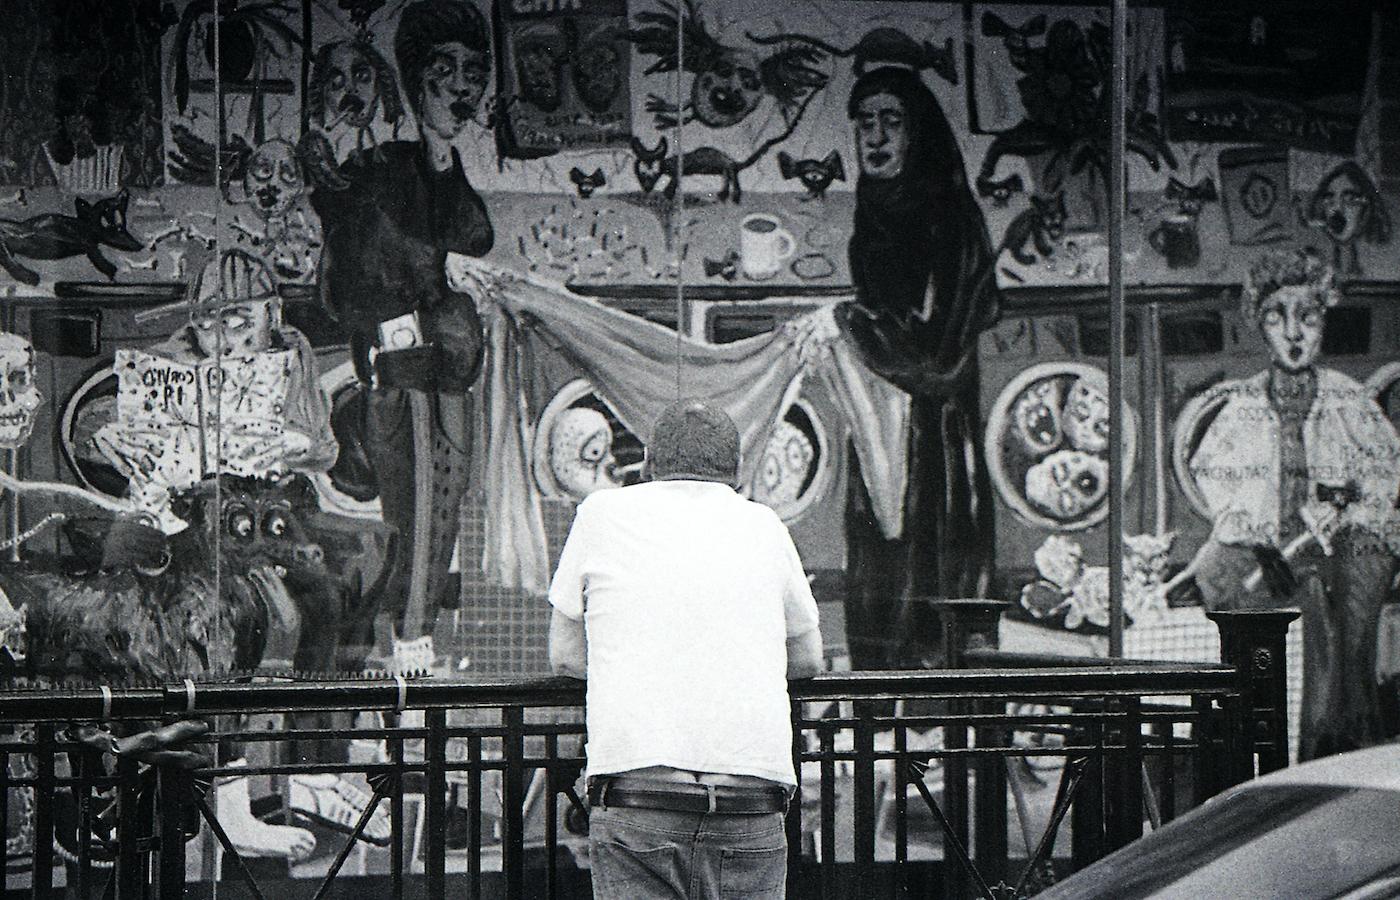 差別に対するメッセージがこもったストリートアートを眺める人。